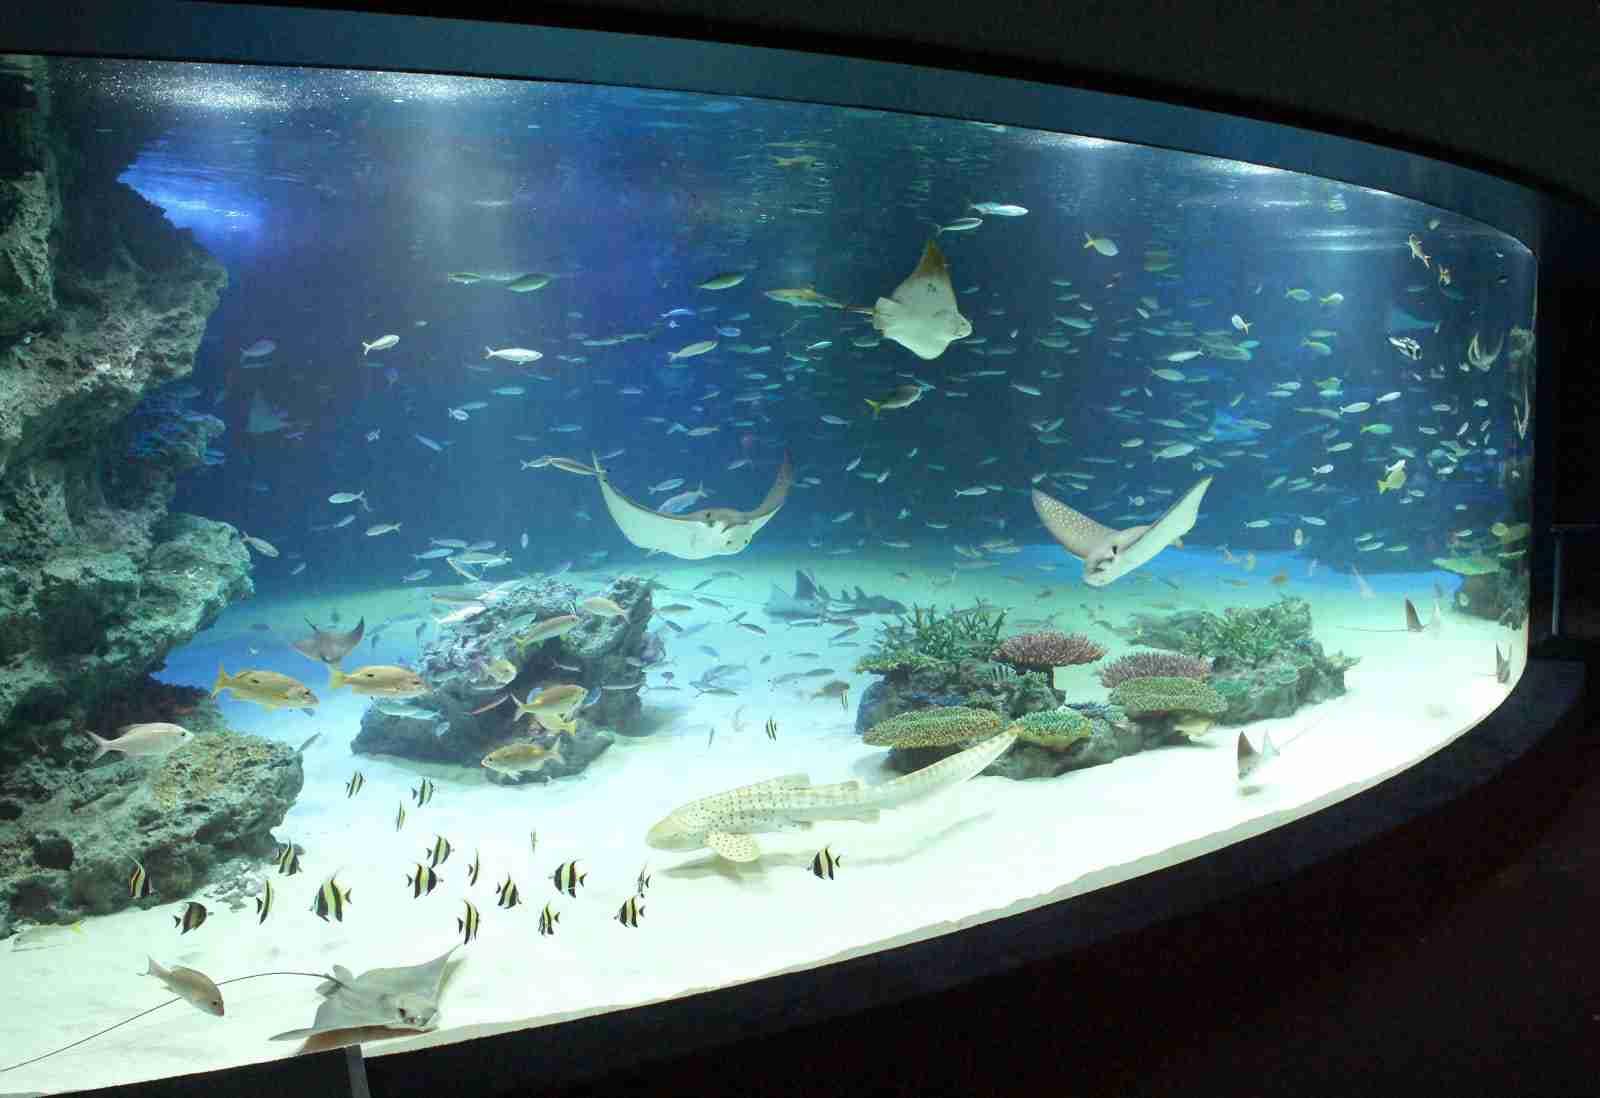 大水槽の魚1235匹死ぬ…サンシャイン水族館